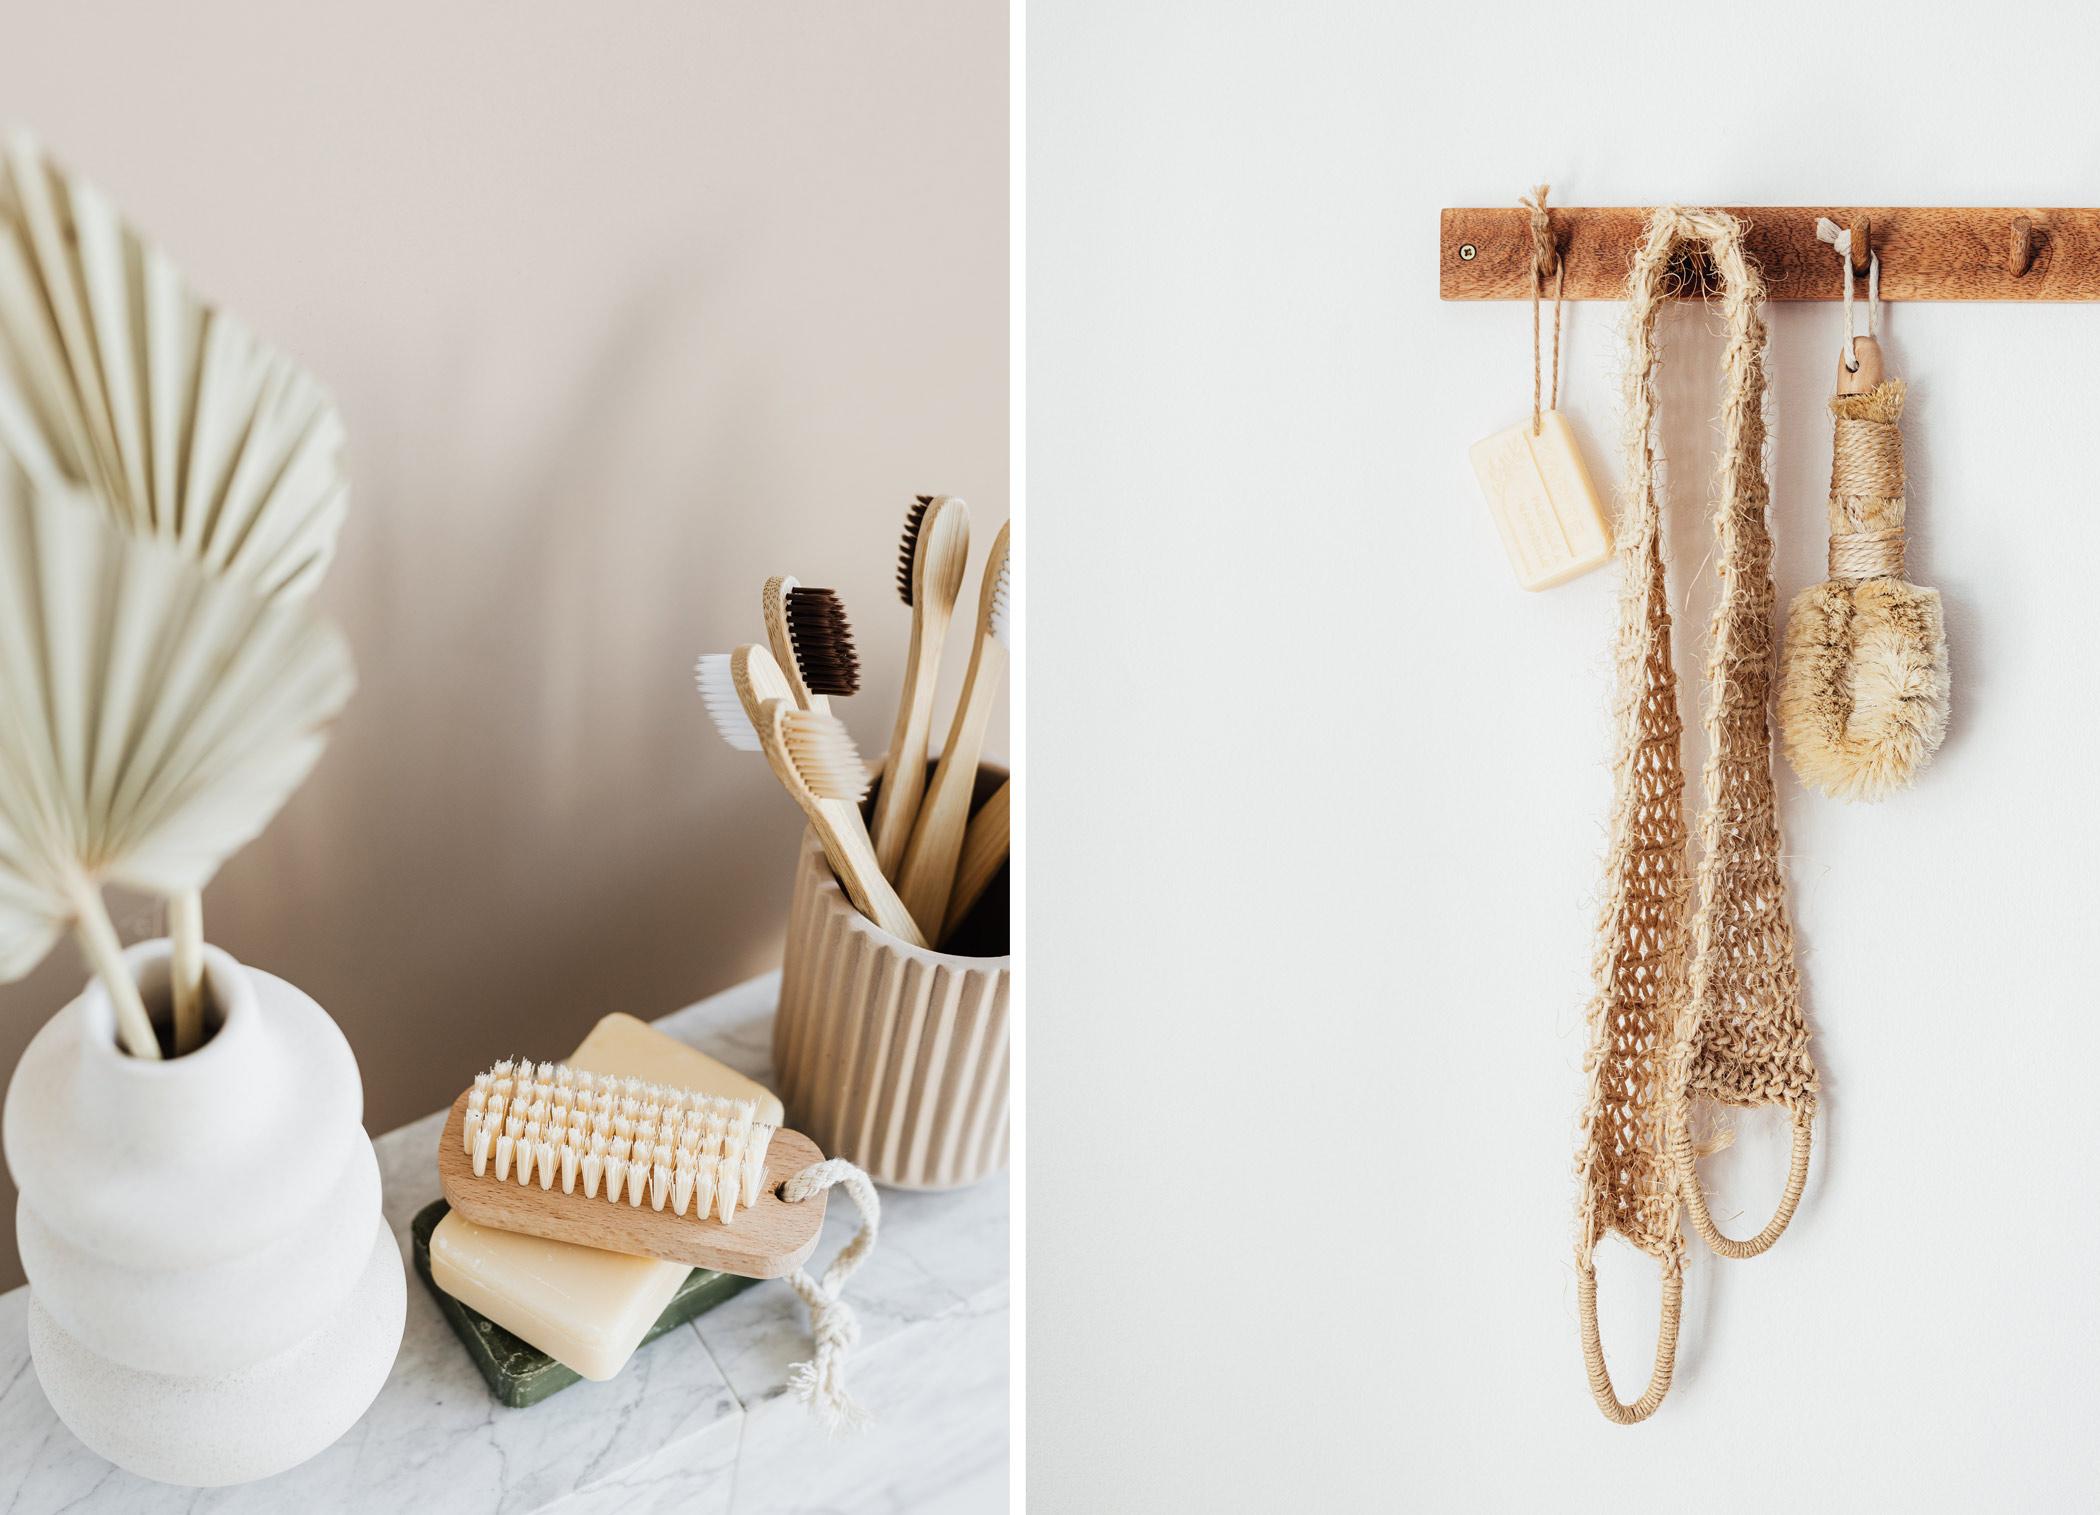 Accessoires en bois brosse et déco spa de salle de bain